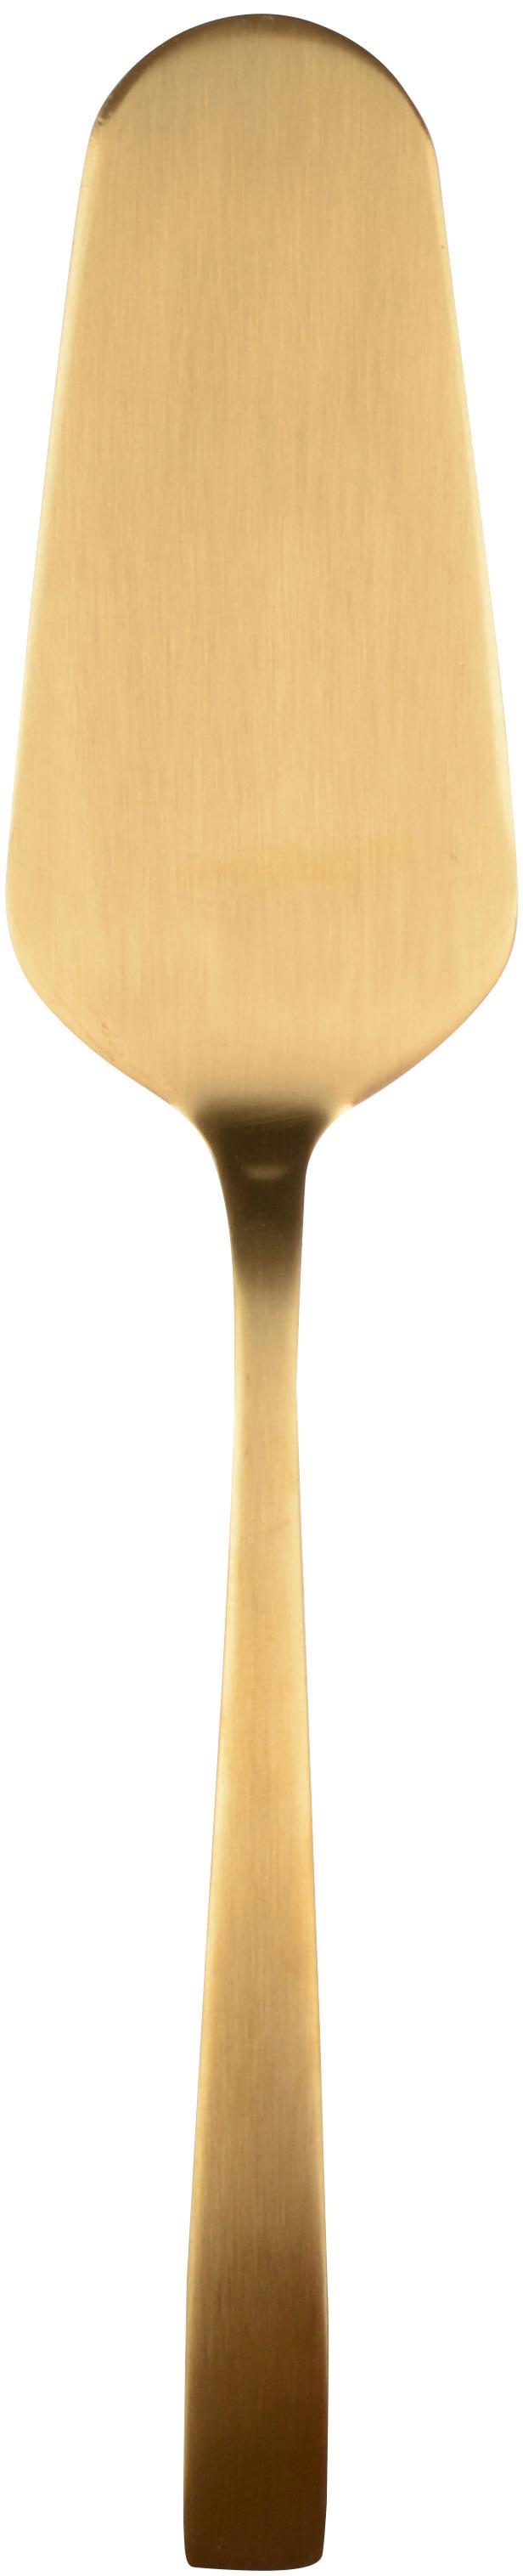 Goldfarbenes Tortenheber-Set Mat aus rostfreiem Stahl, 2-teilig, Rostfreier Stahl, beschichtet, Messingfarben, L 25 cm